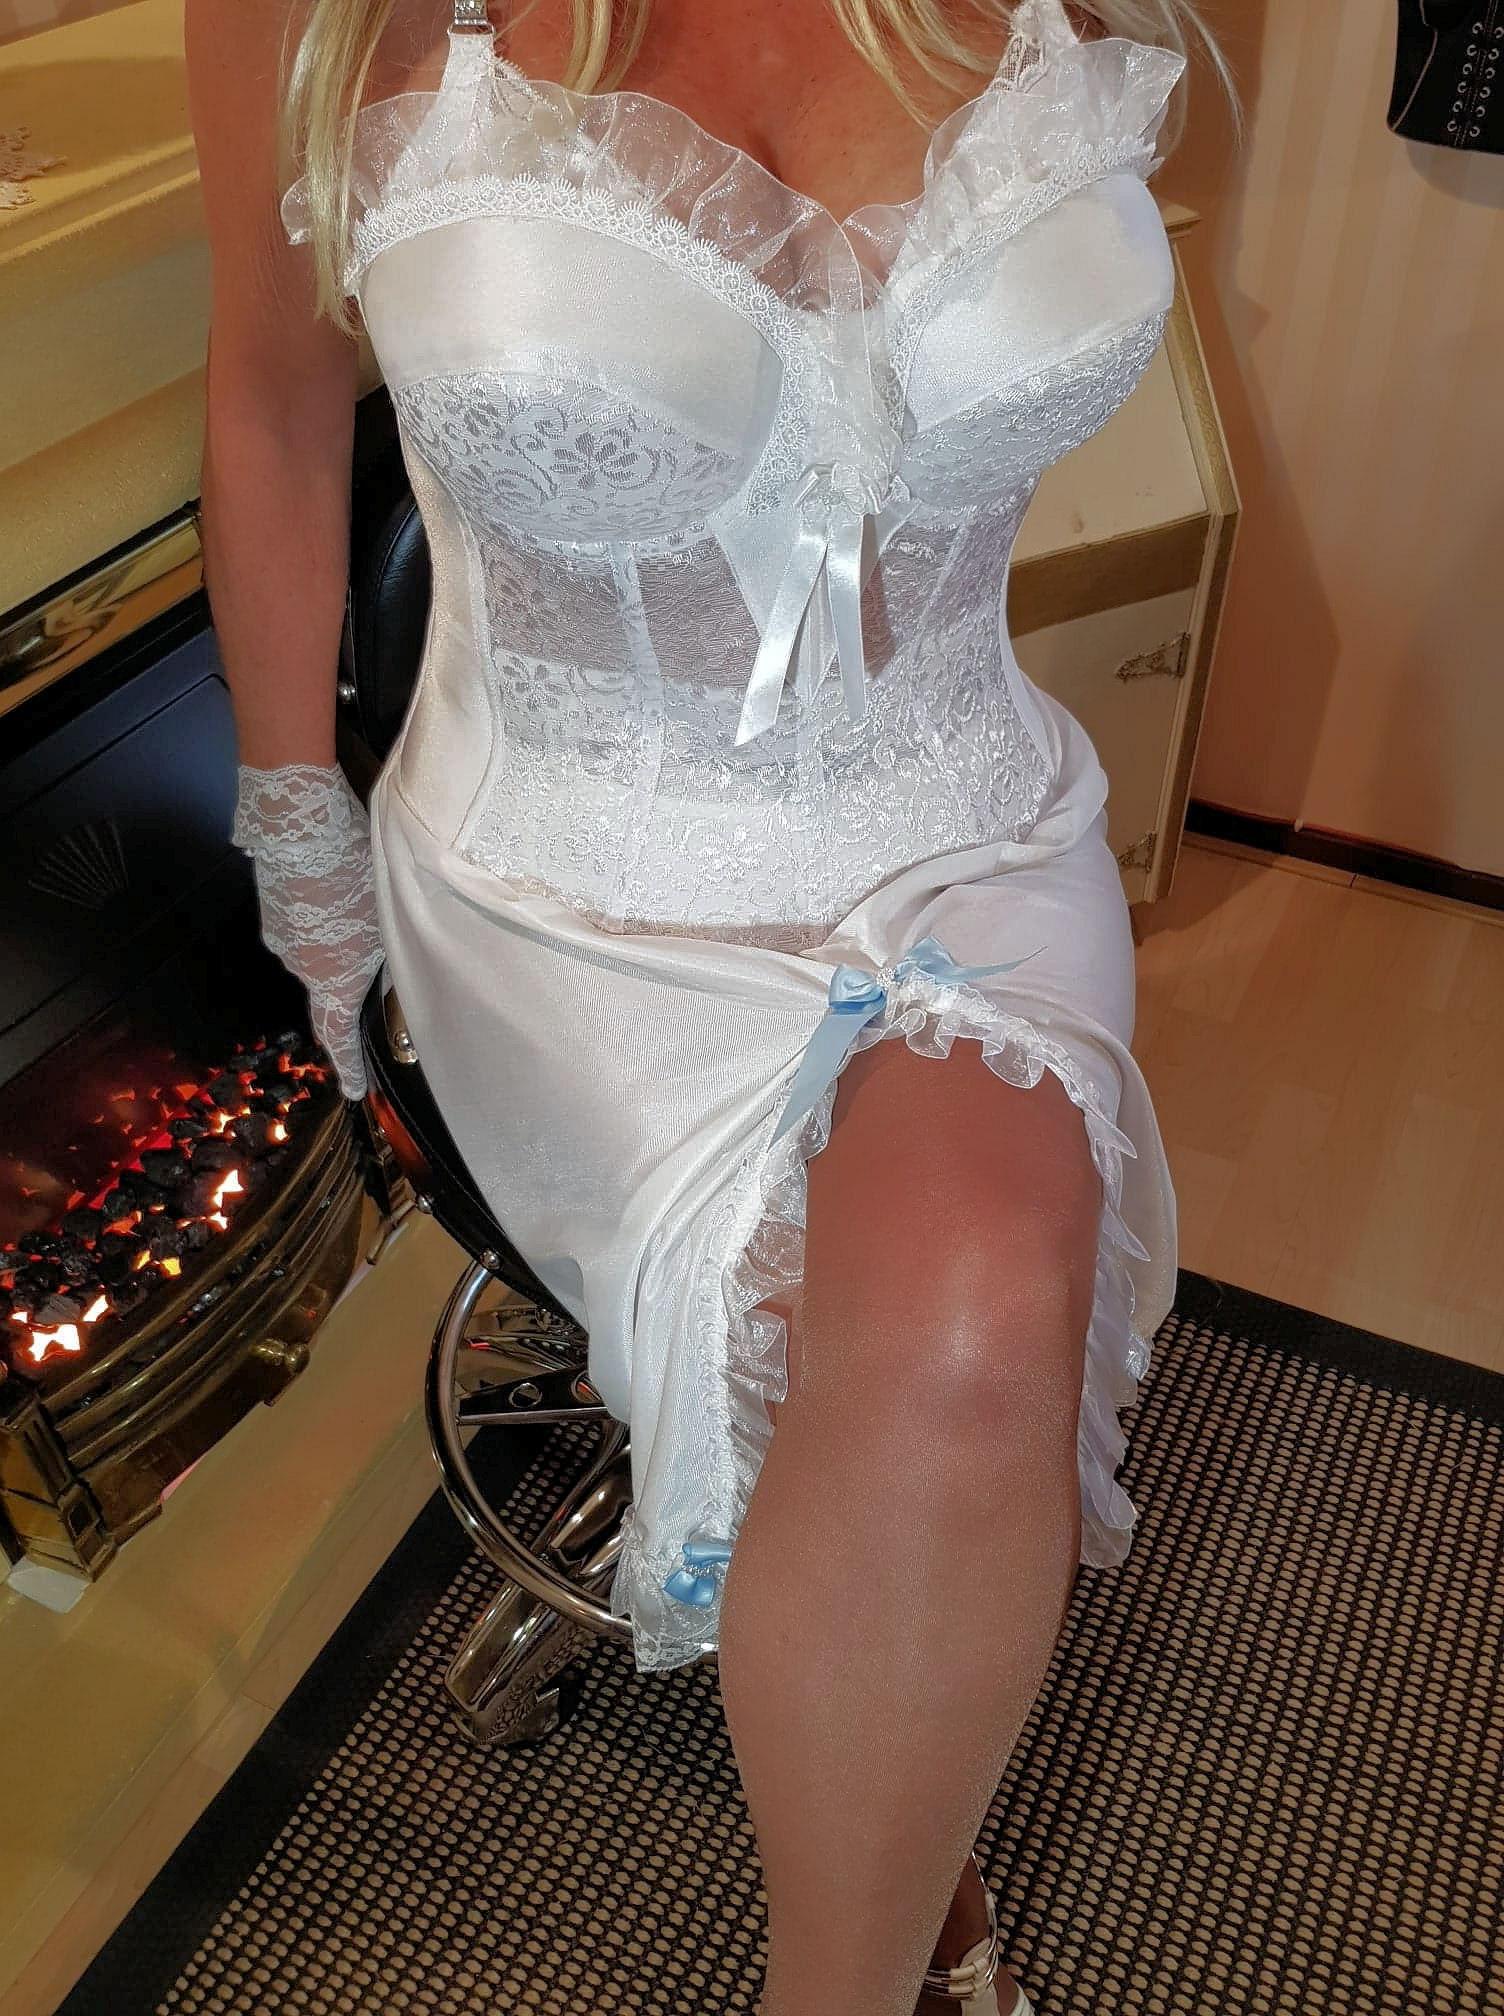 Creamy white half-slip nylon size46/48/50 size UK 20/22